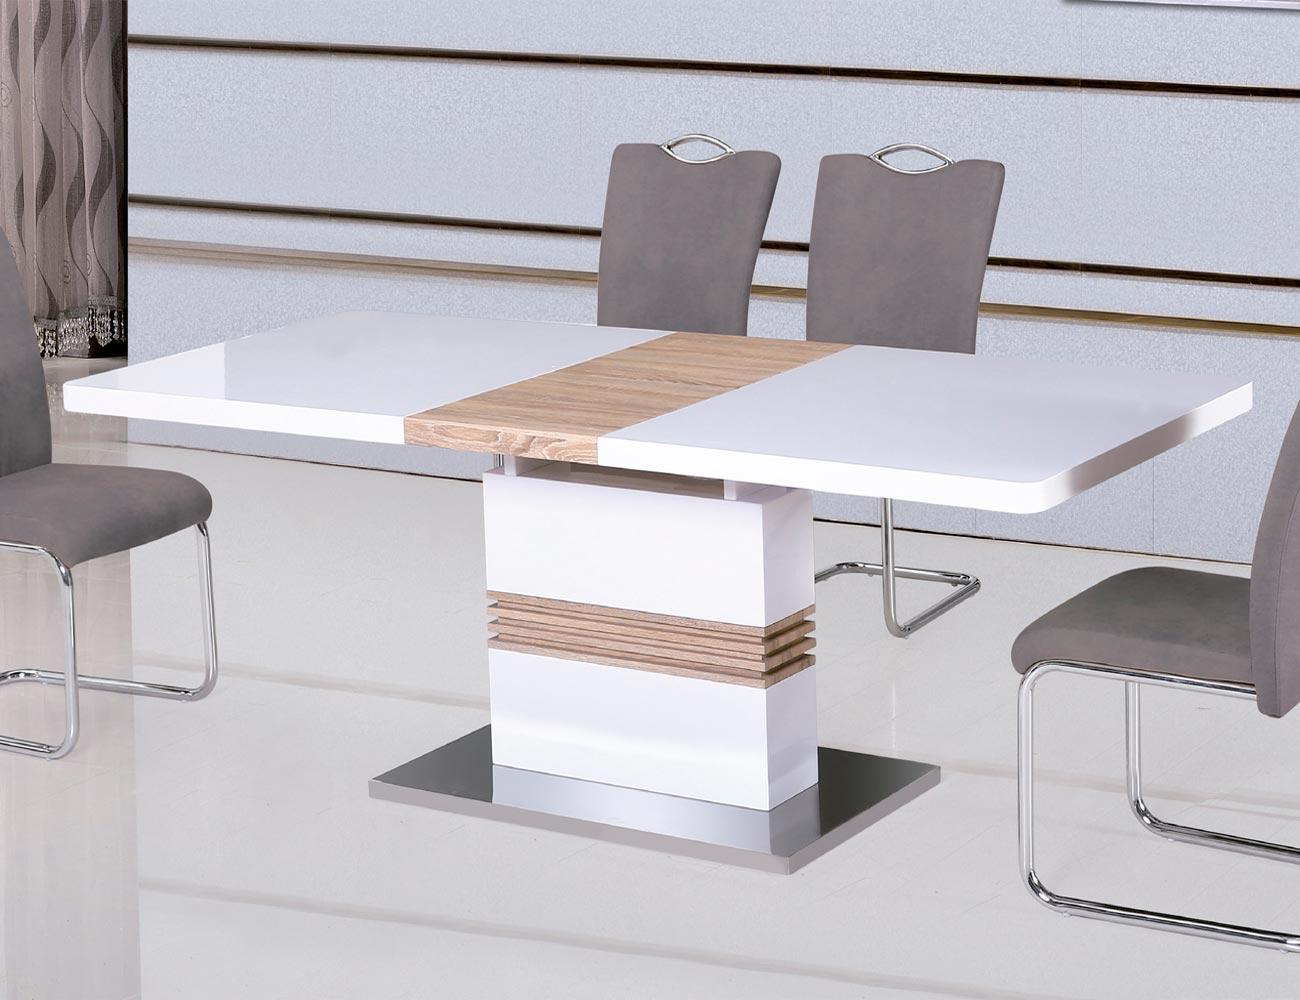 Mesa comedor extensible en blanco lacado con cambrian y base